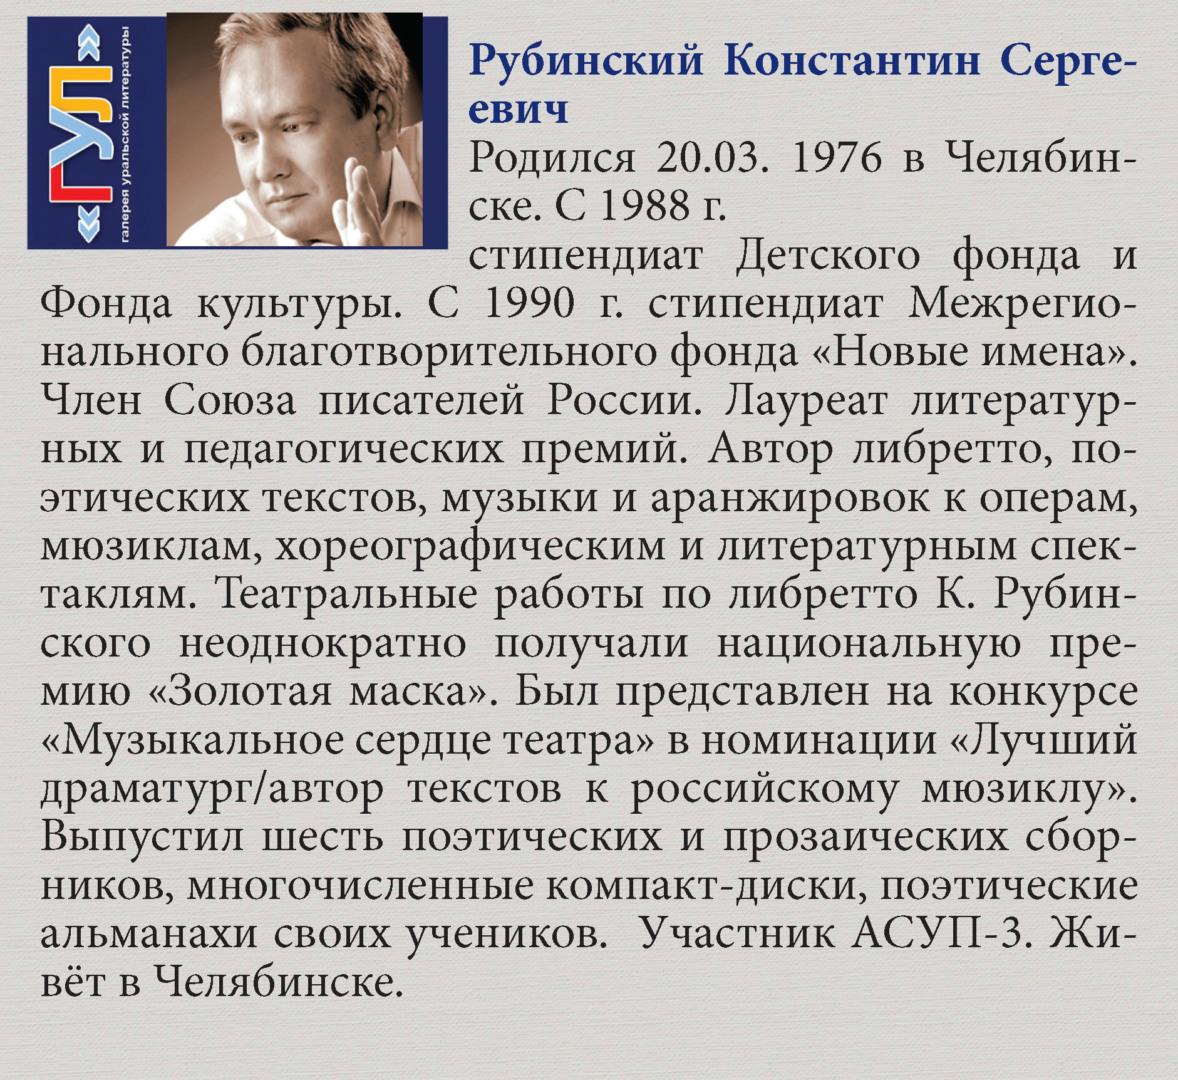 Рубинский Константин